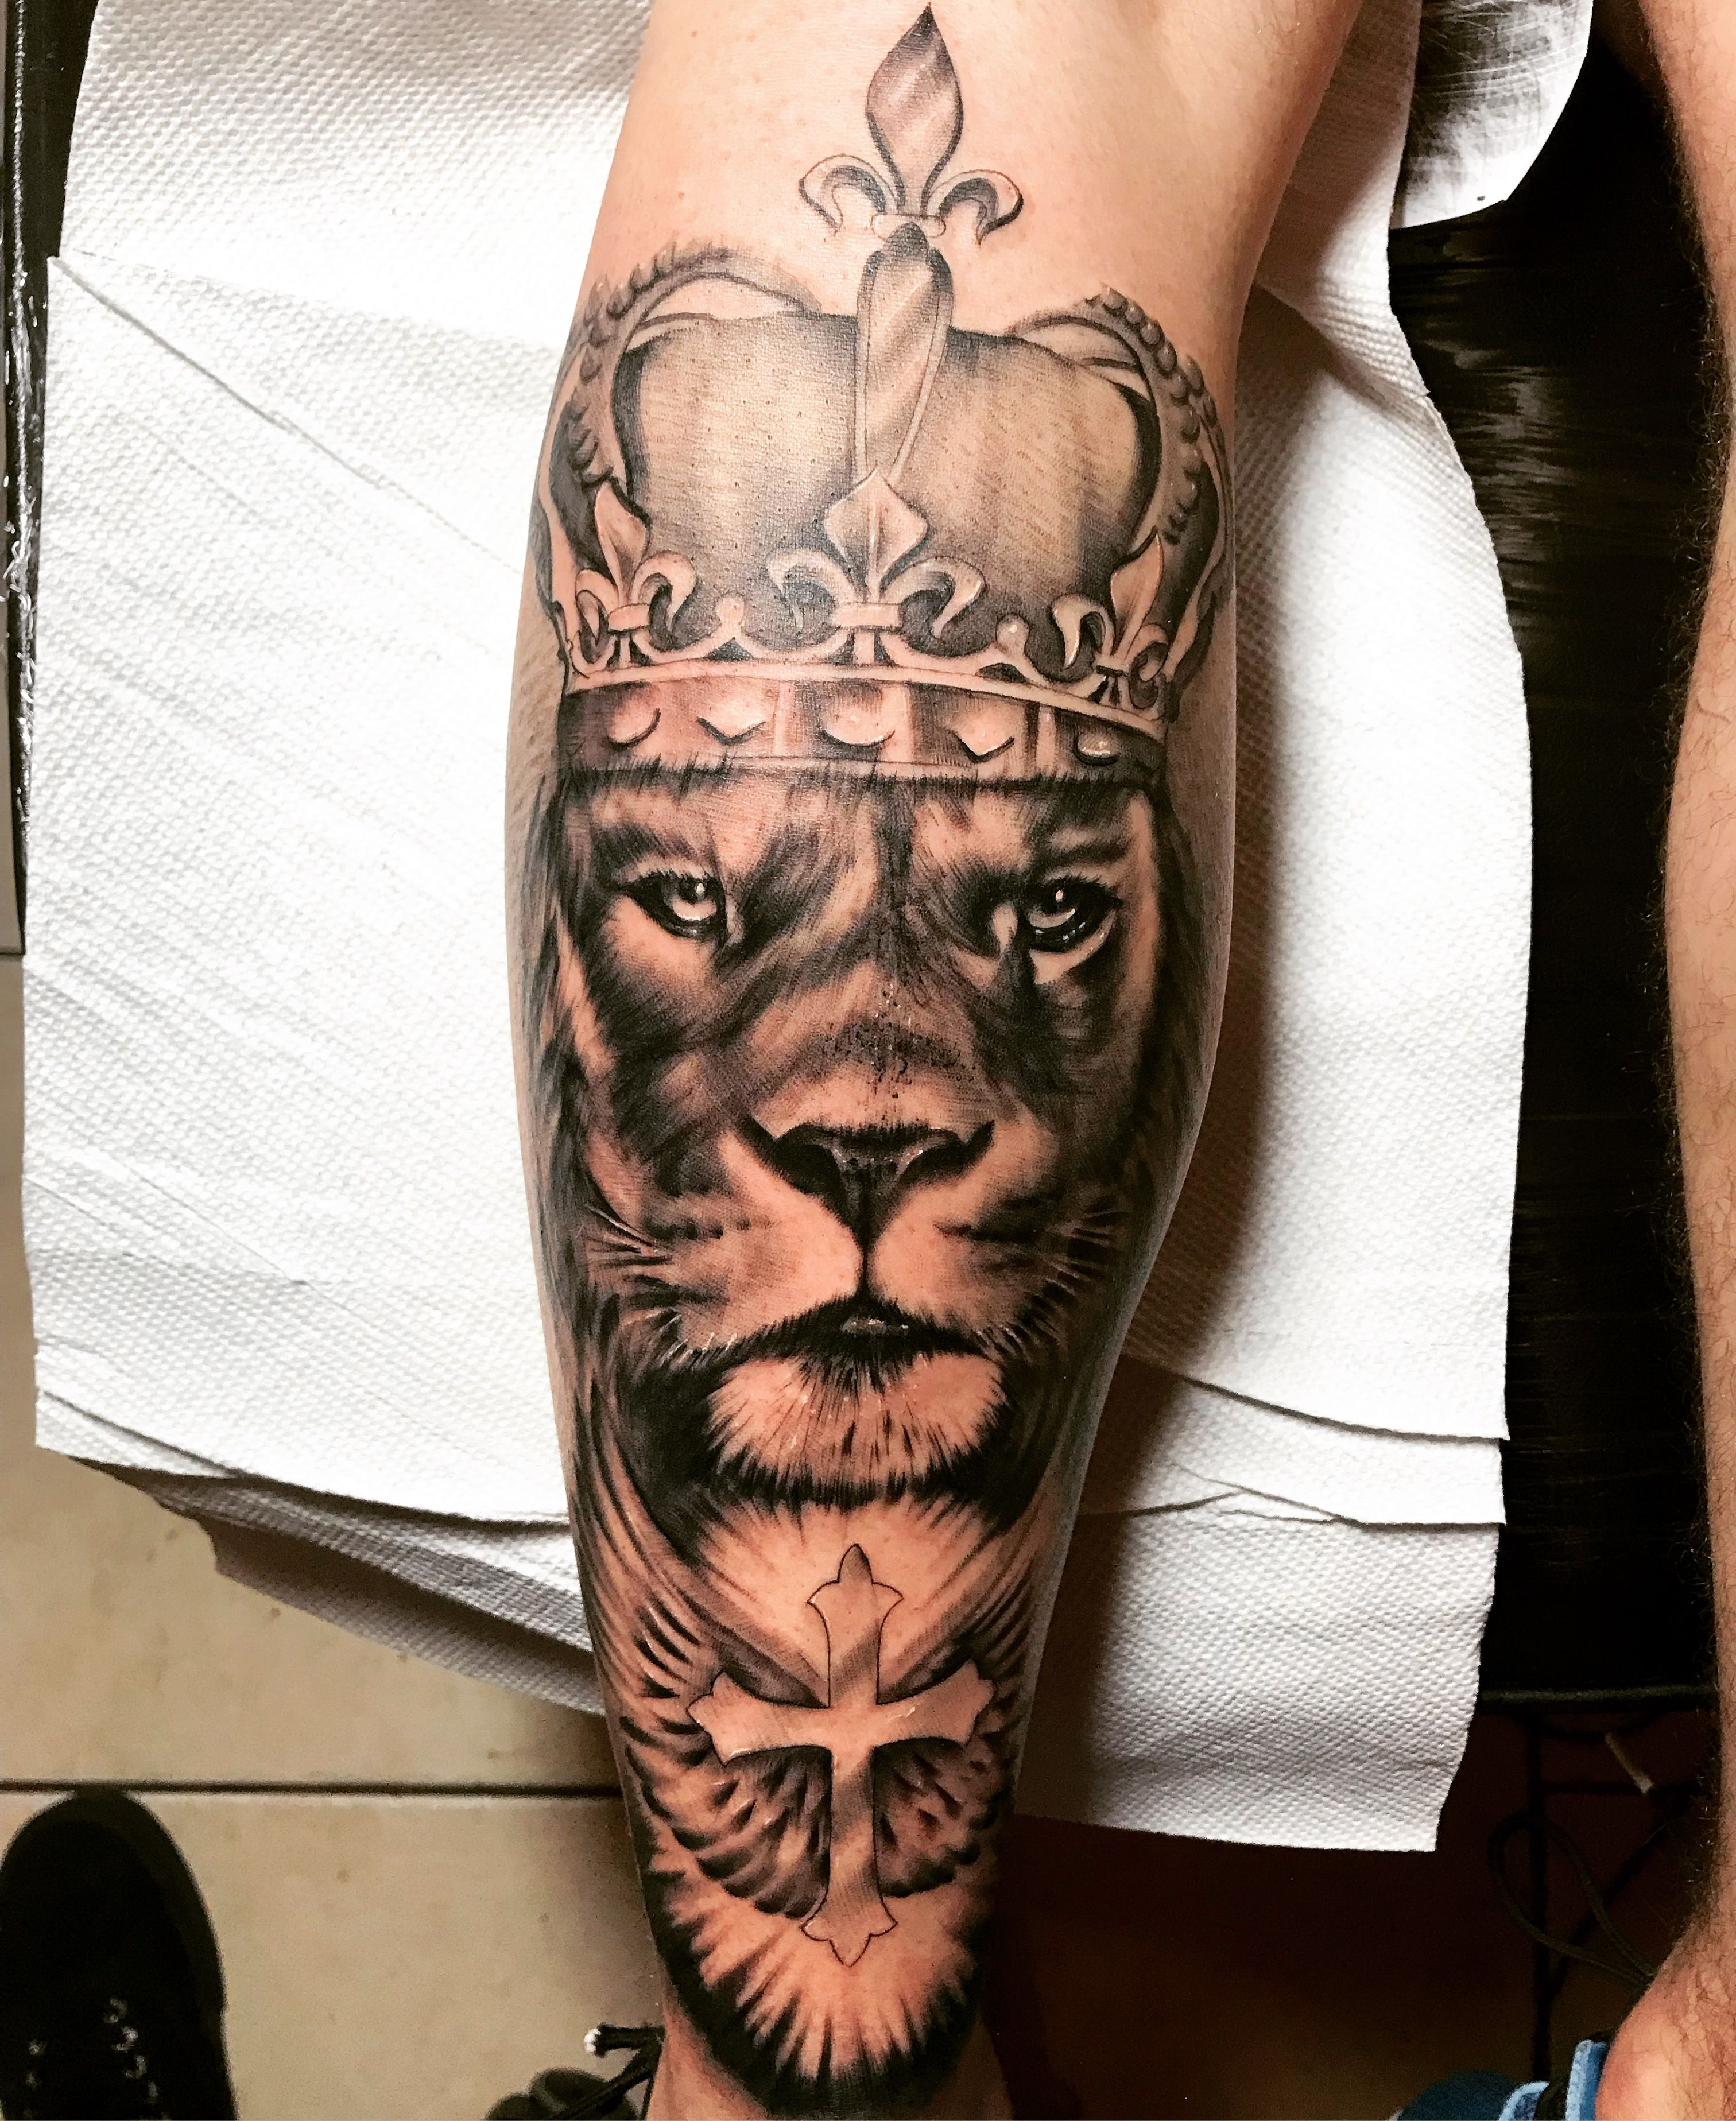 Pin De Peter Borkowski Em Tattoos Tatuagem Masculina